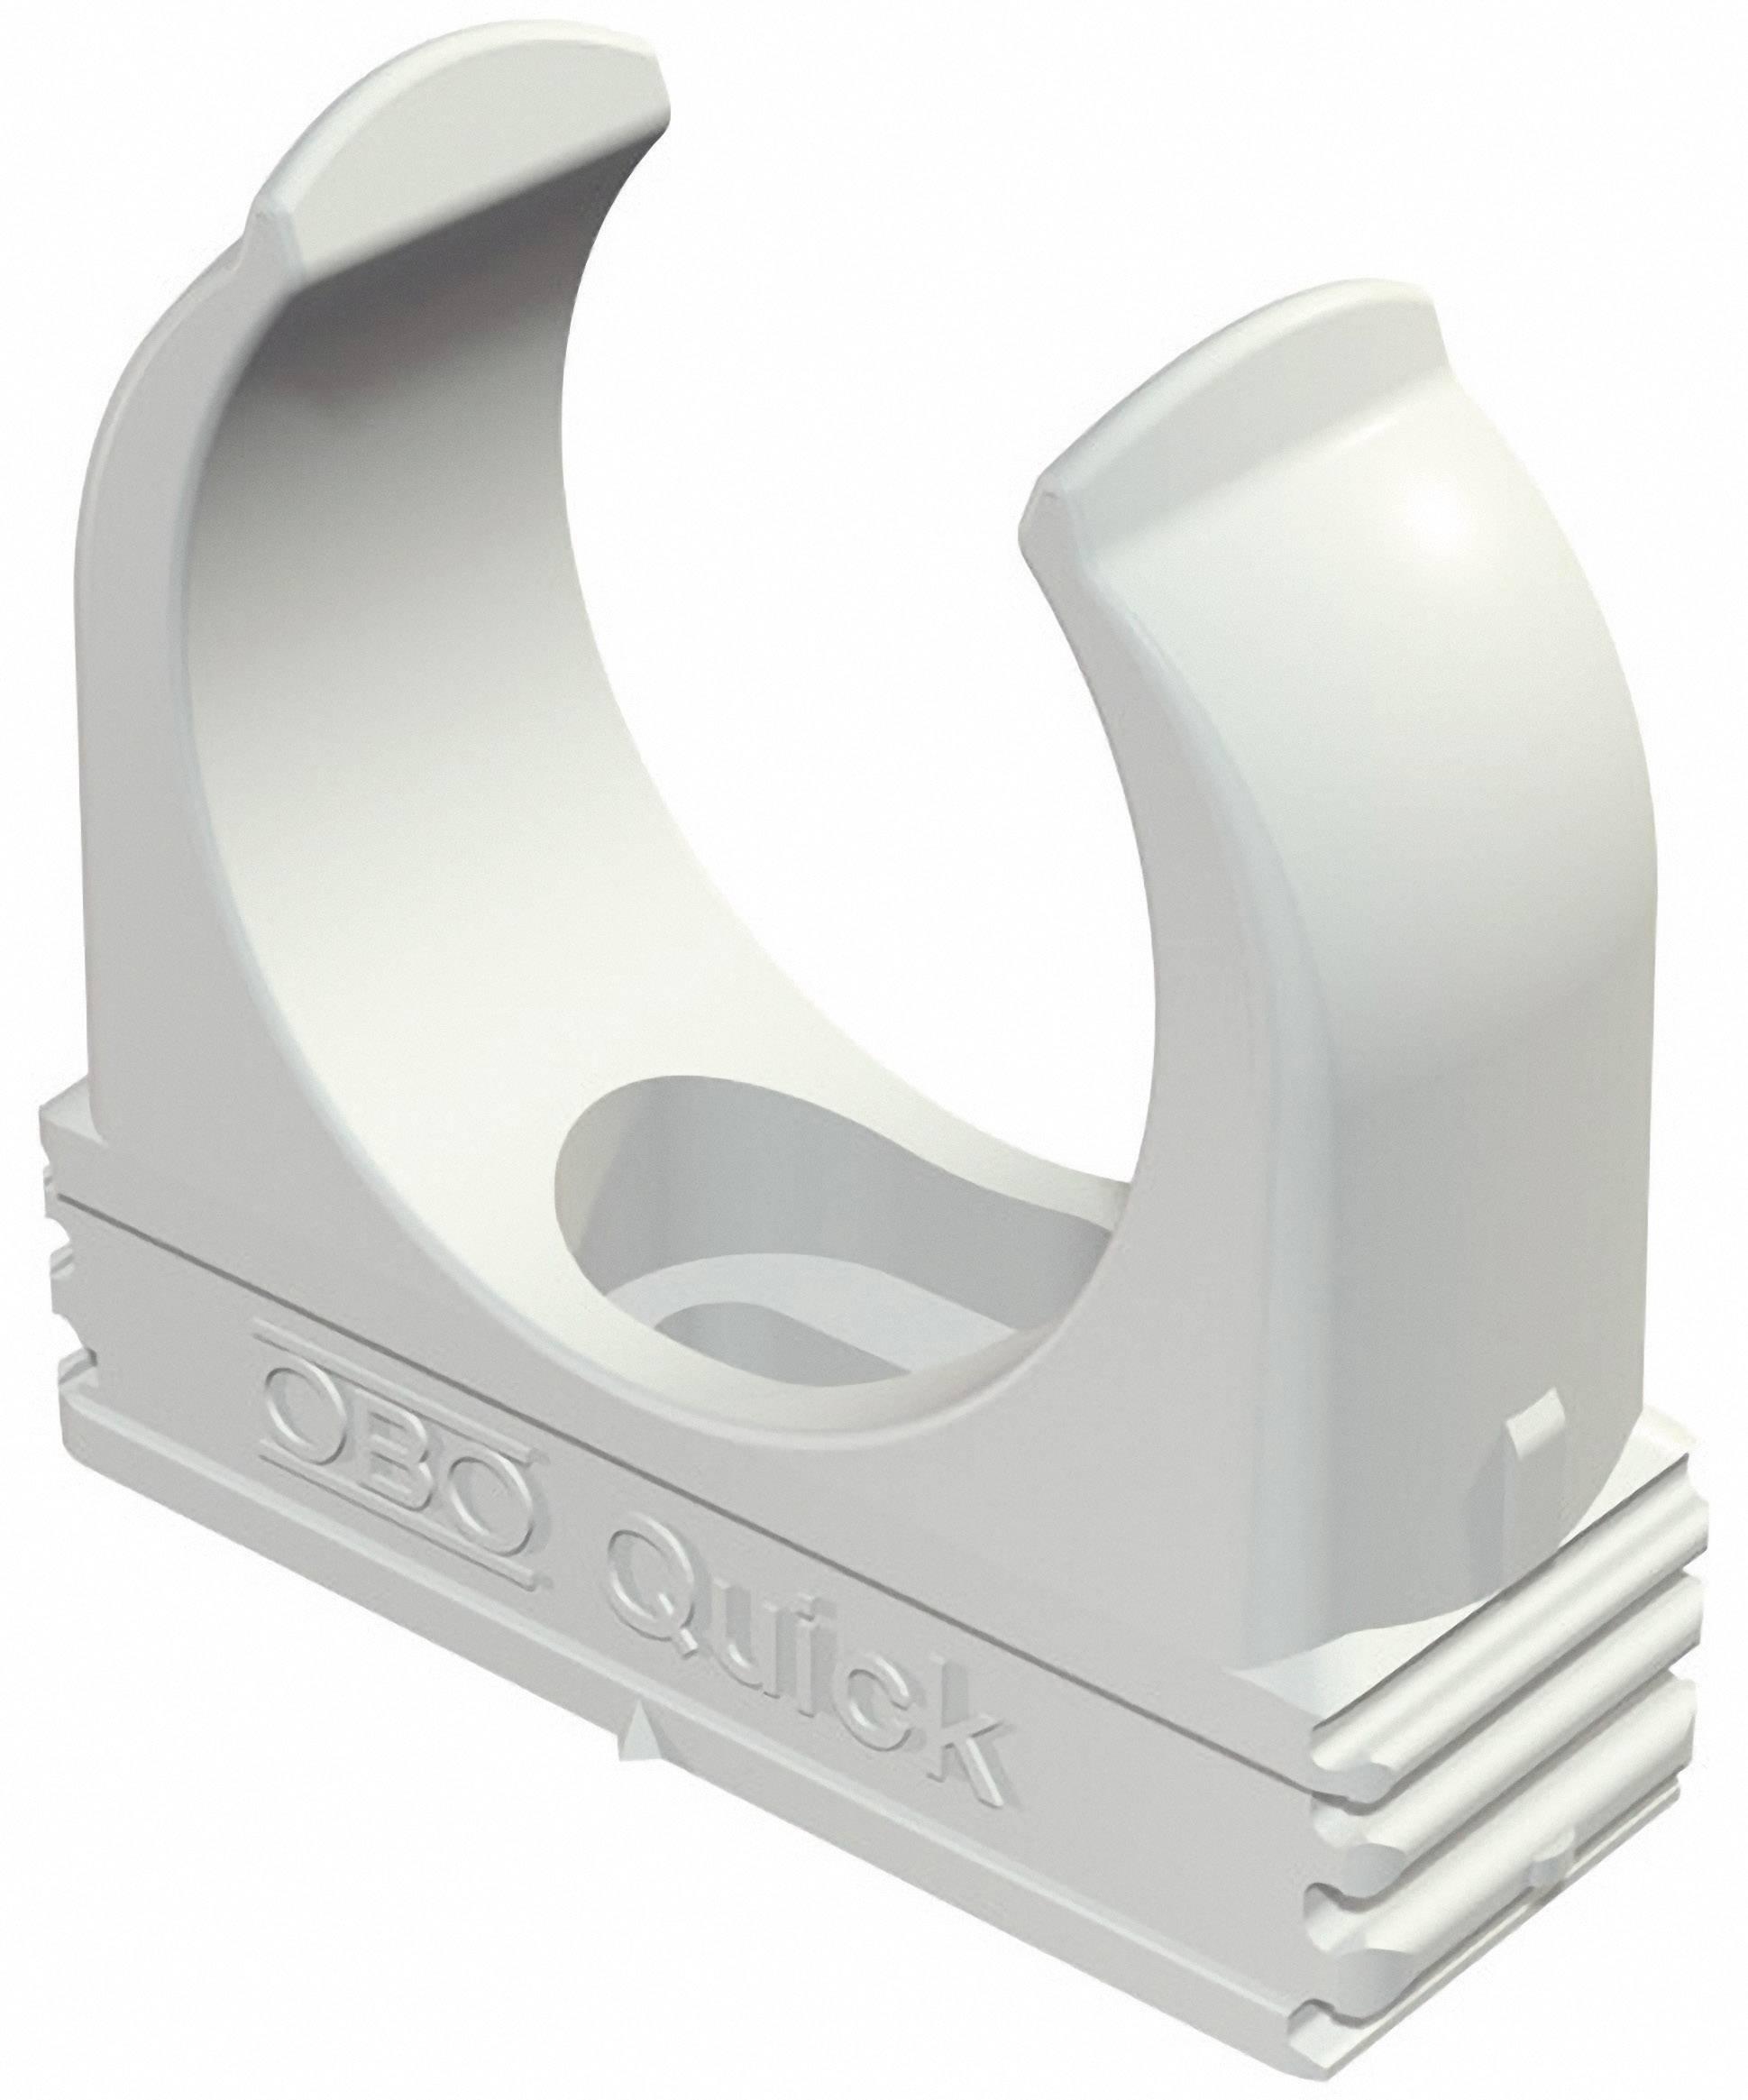 Držák pro trubky OBO Bettermann, 2149016, M25, světle šedá